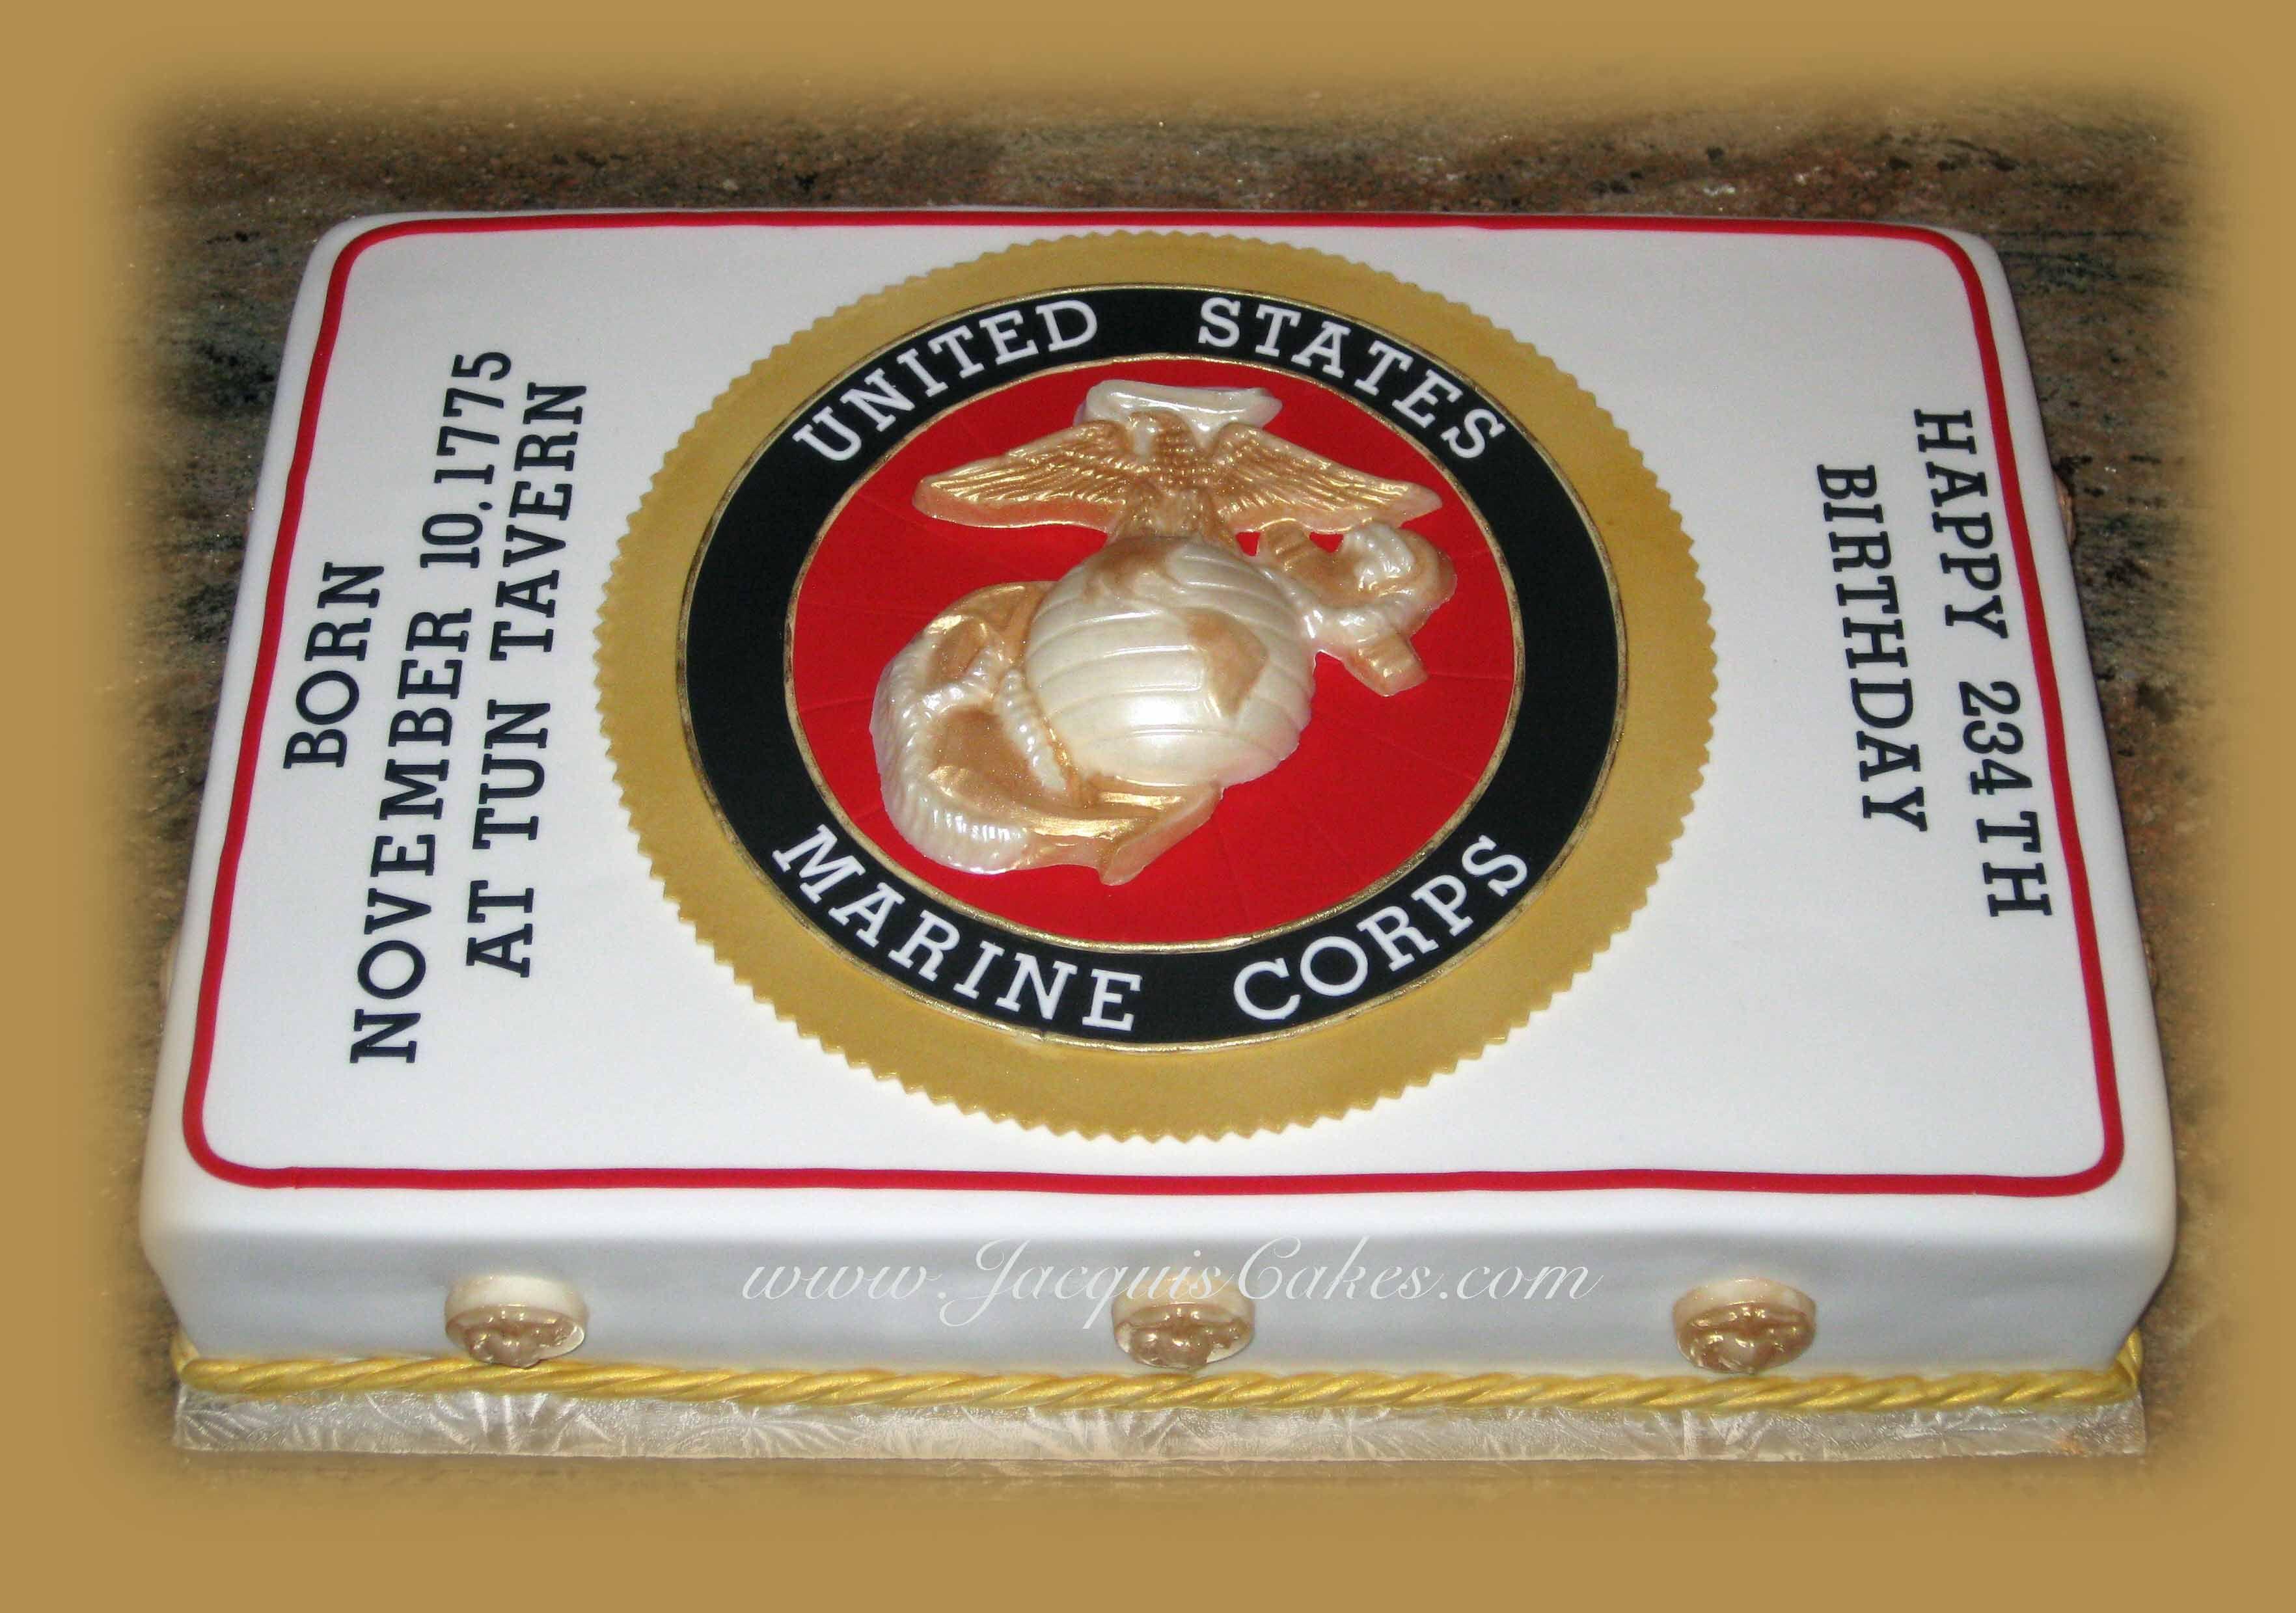 U.S. Marine 234th Birthday Cake Military cake, Marine